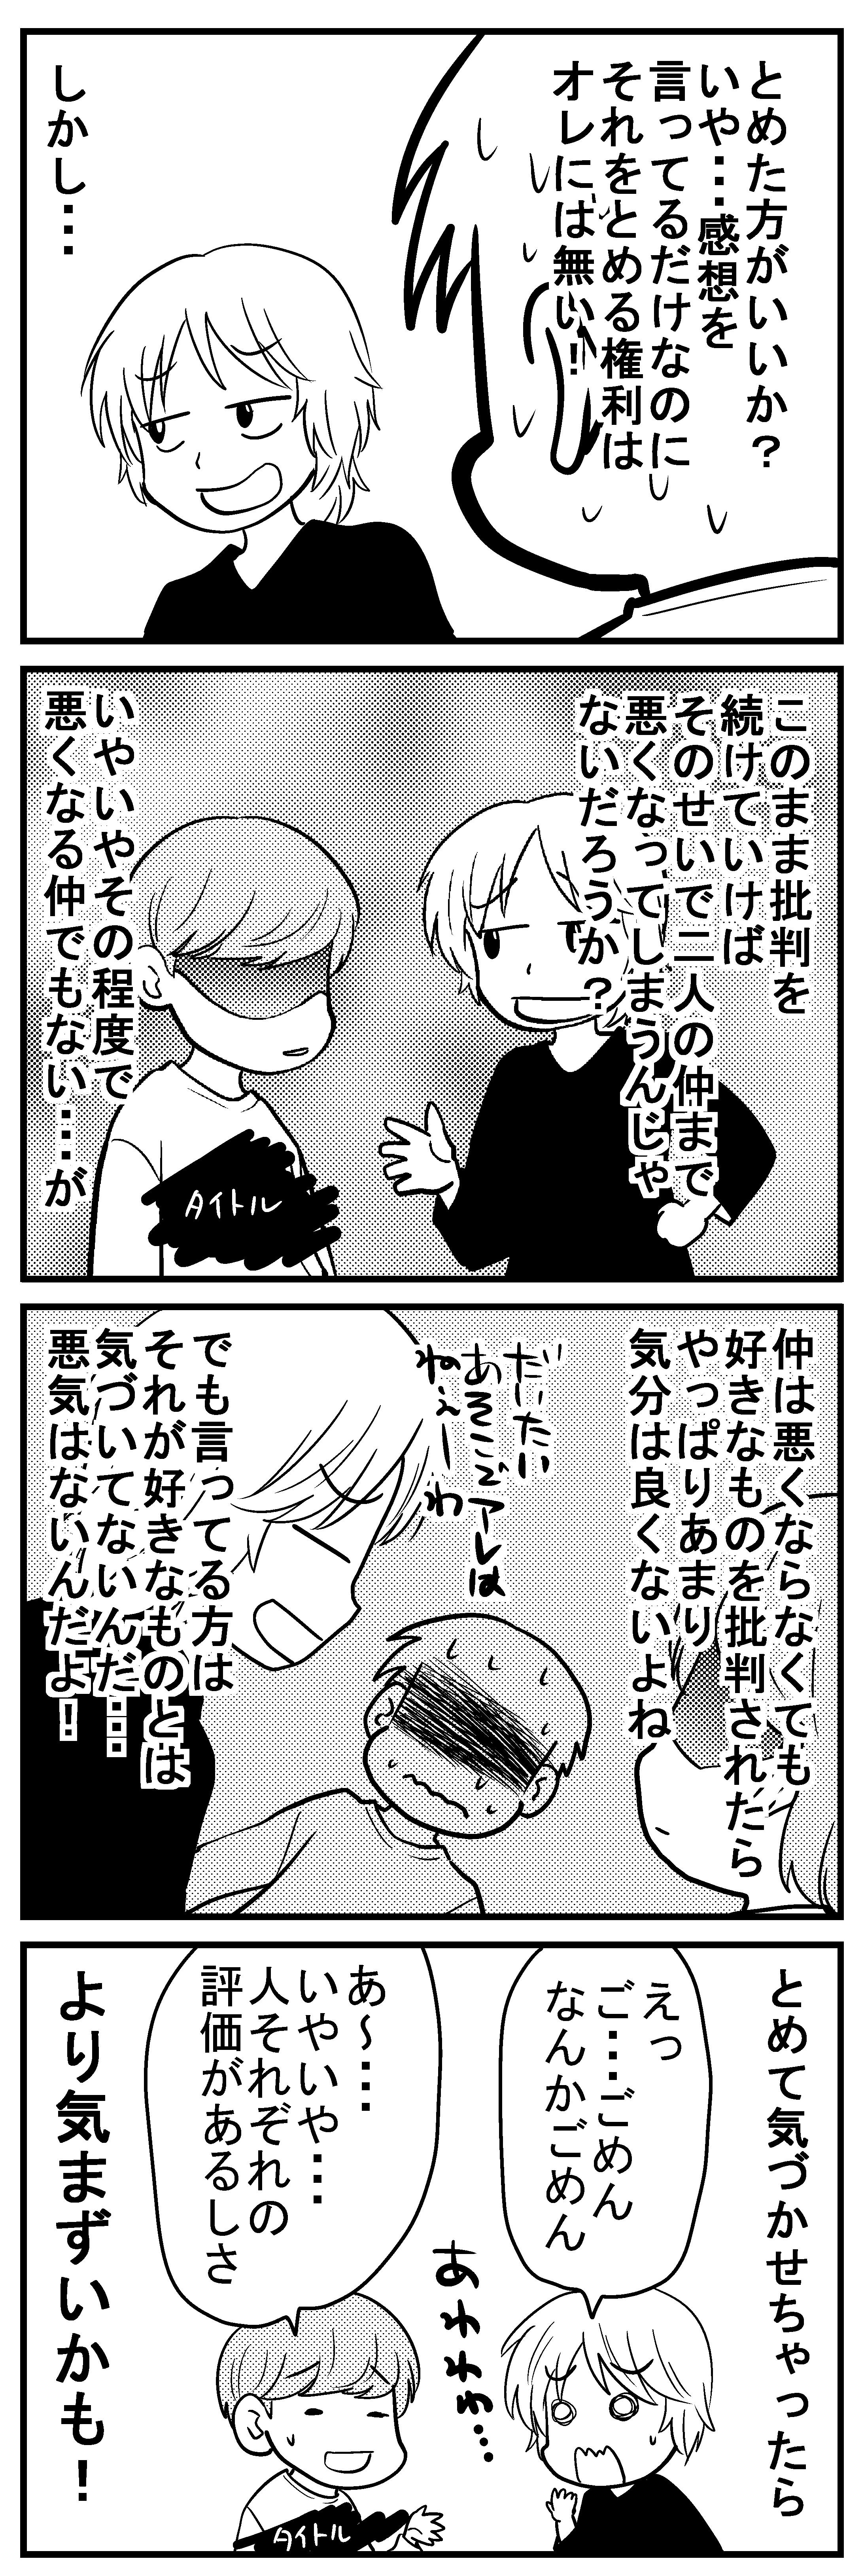 深読みくん42-3